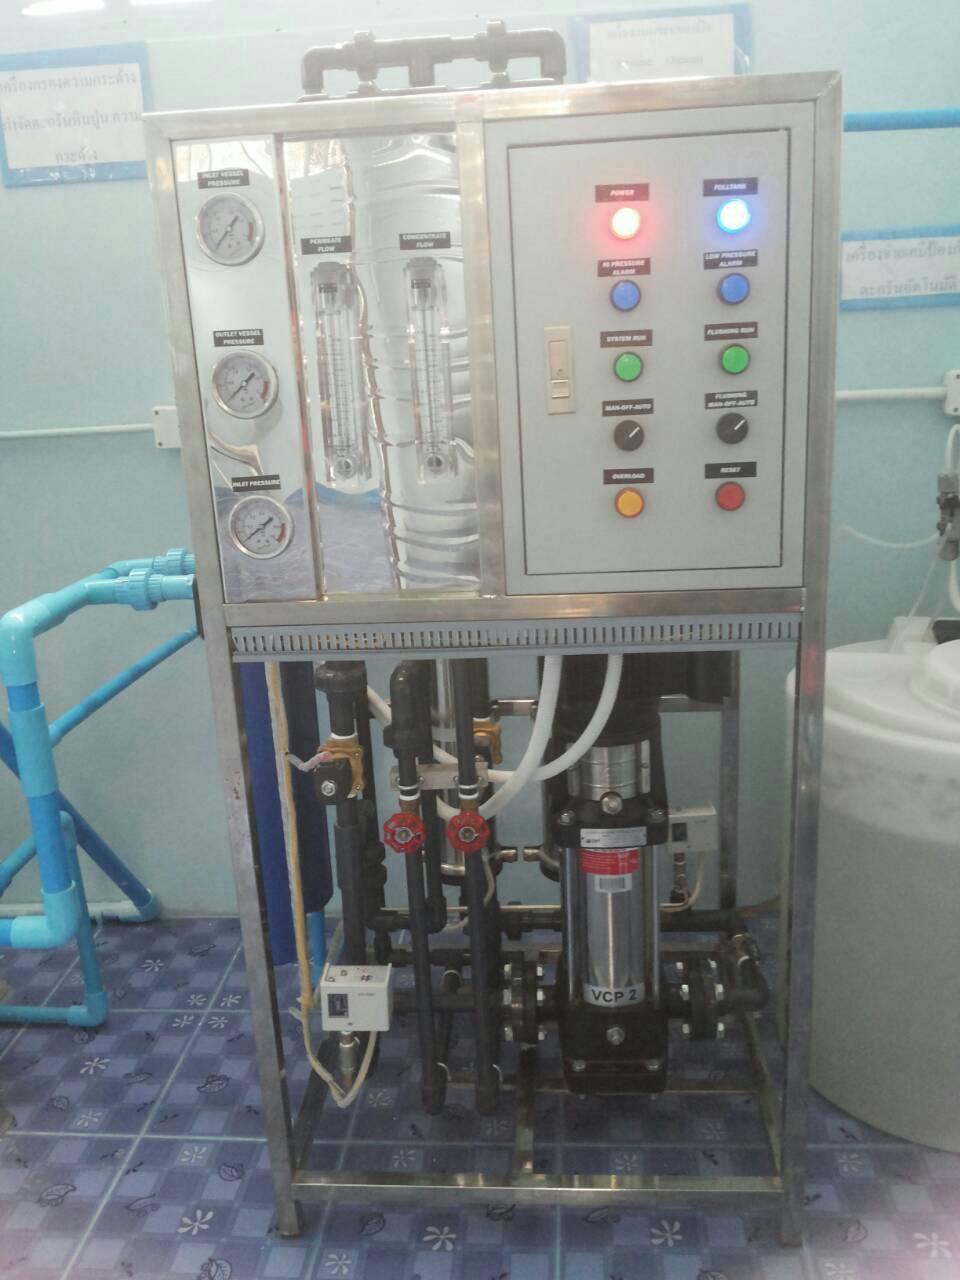 ระลลรีเวิสออสโมชิส RO กำลังการผลิต 12,000 ลิตร/วัน พร้อมอุปกรณ์ทั้งระบบครบชุด